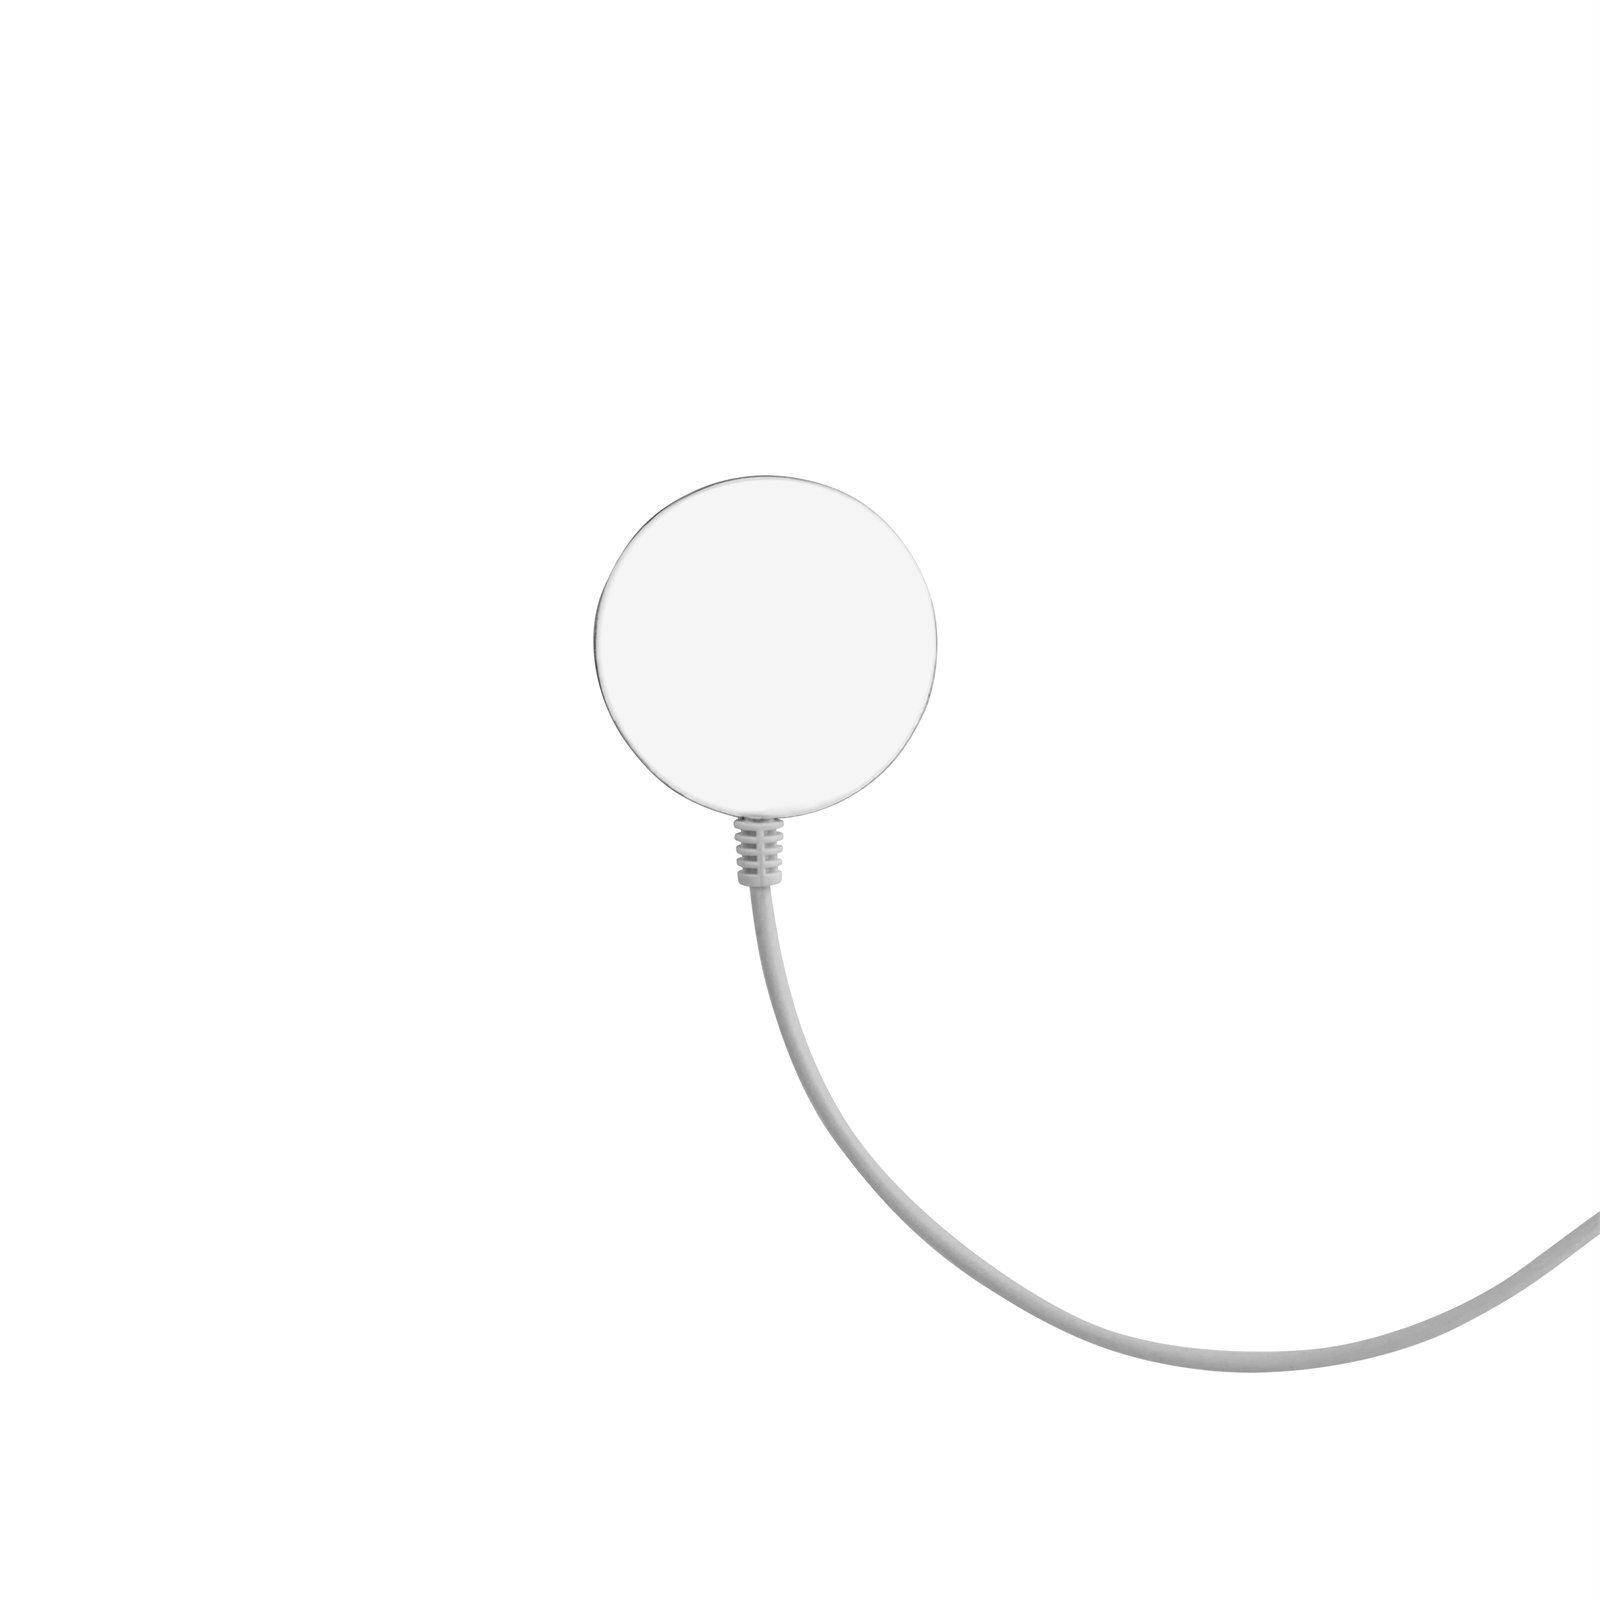 Arlec LED USB Mini Lamp